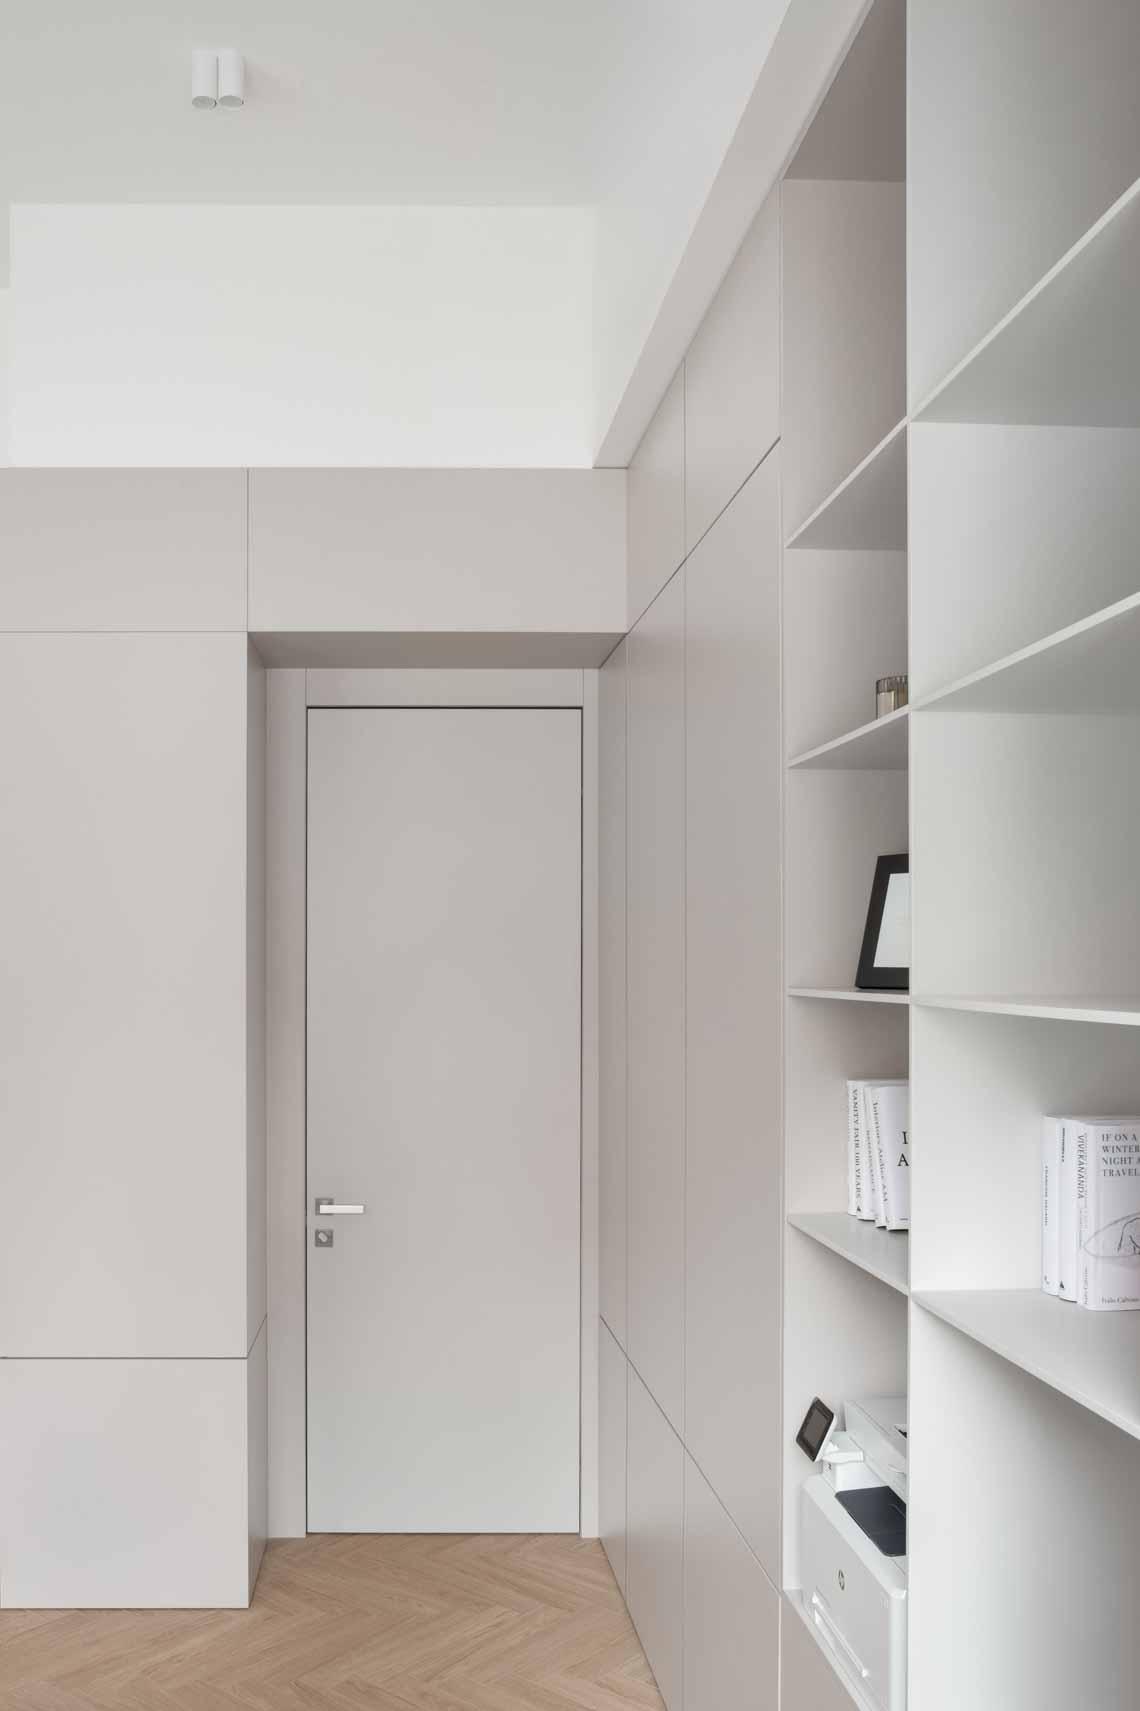 Dự án FG OFF – Một văn phòng không gian hình học màu cam -10